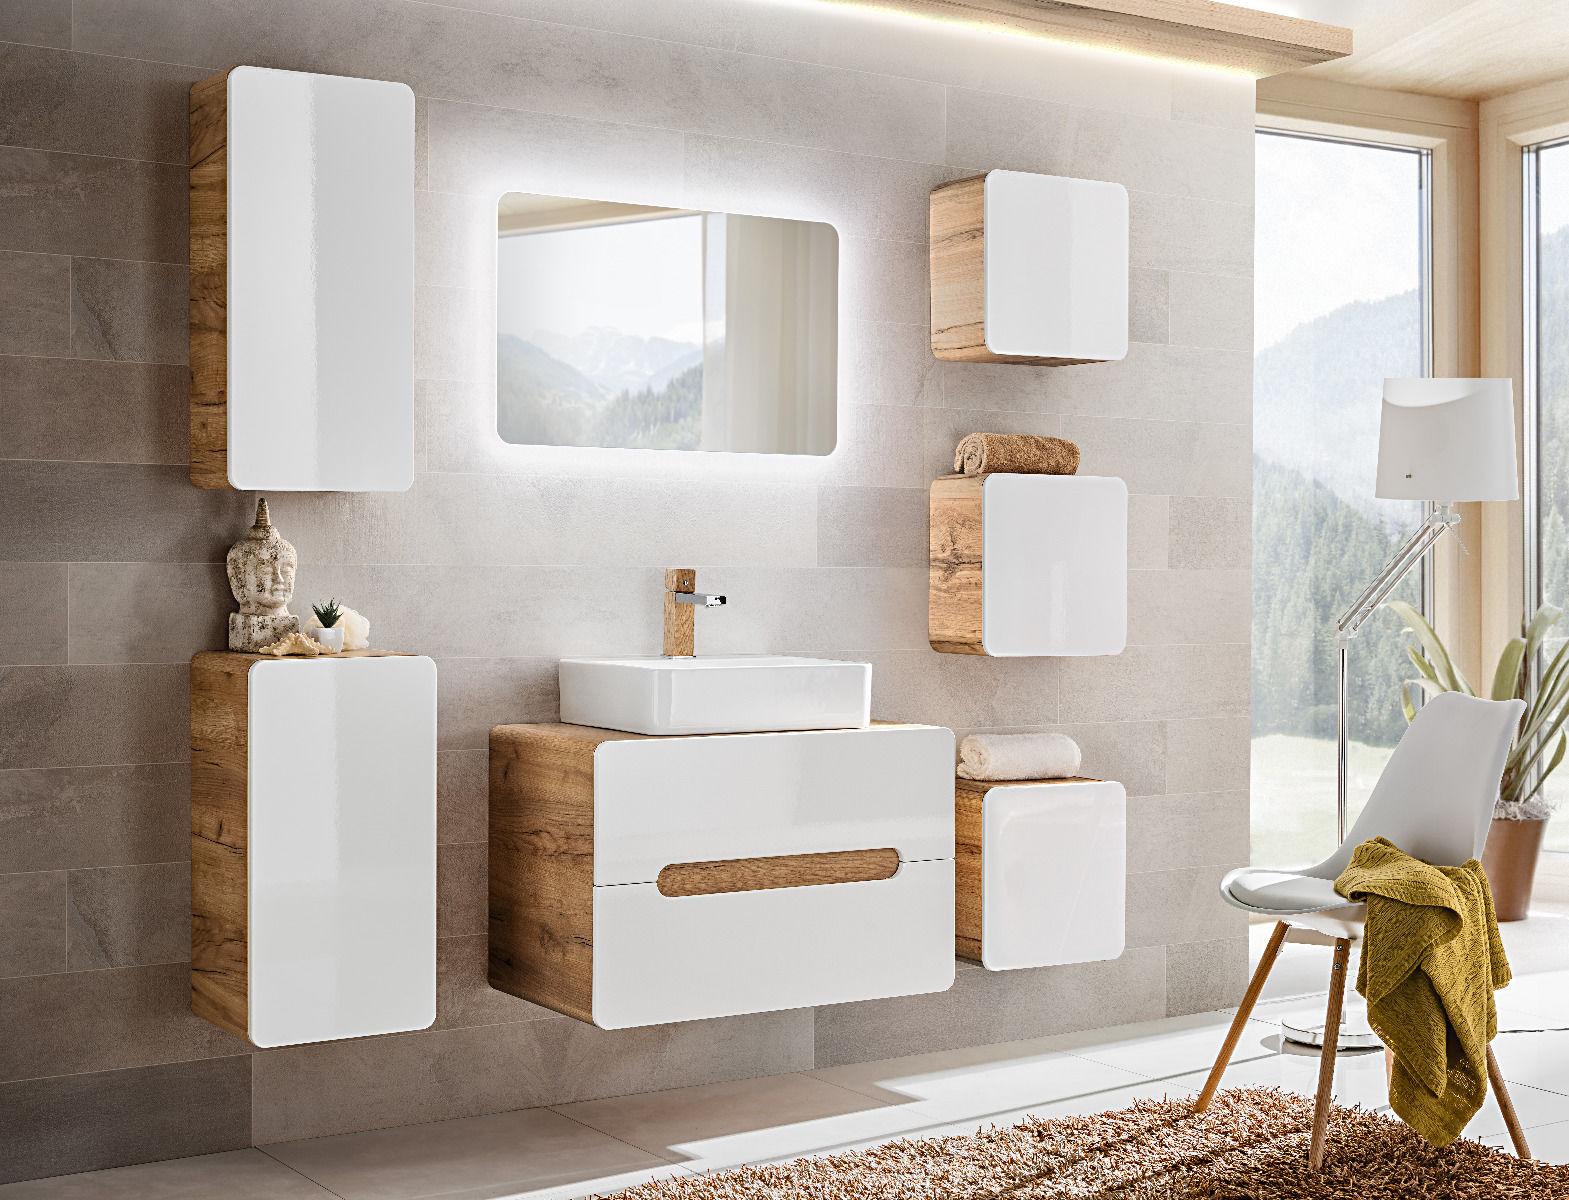 Szafka łazienkowa ARUBA 830 biała/dąb  Kupuj w Sprawdzonych sklepach